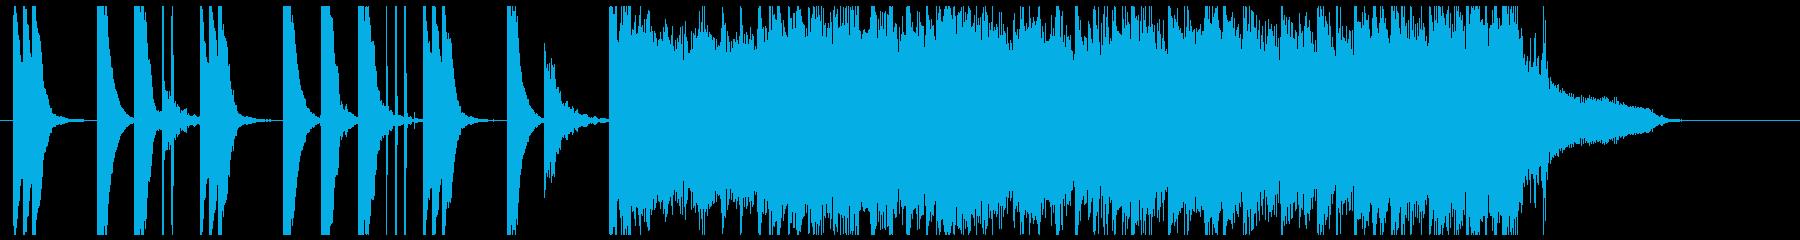 ファッショナブルなCM音楽の再生済みの波形